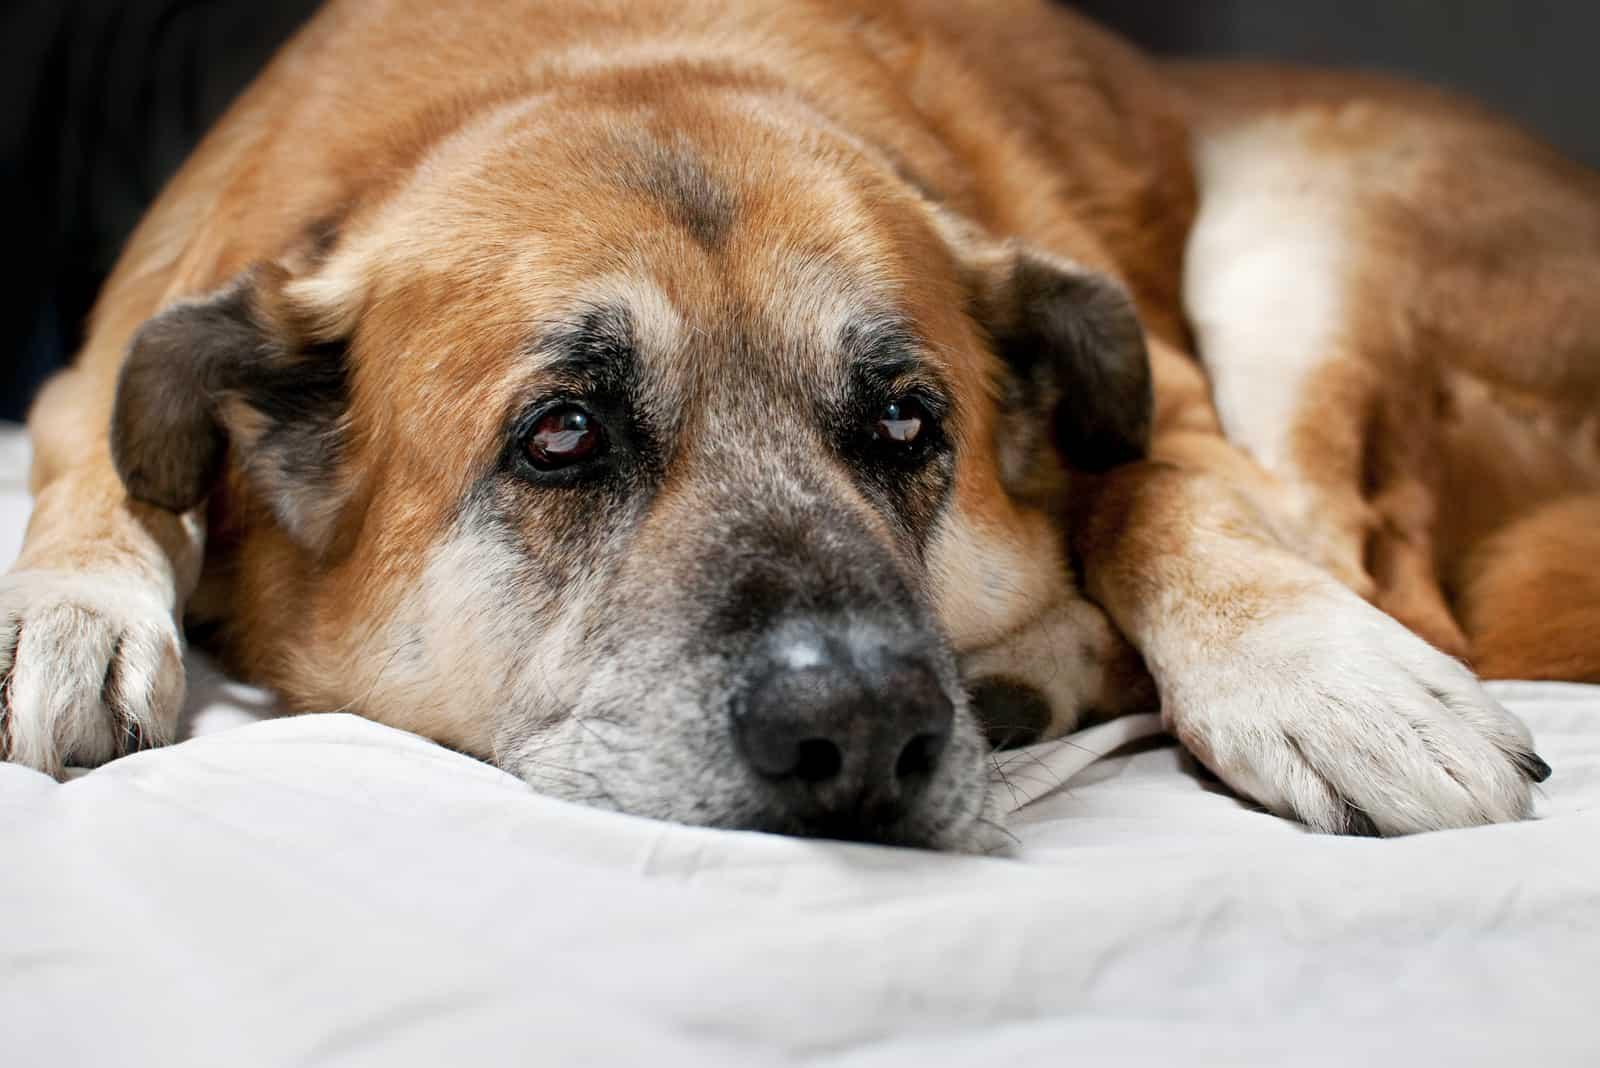 Auf einem weißen Laken liegt ein trauriger alter Hund